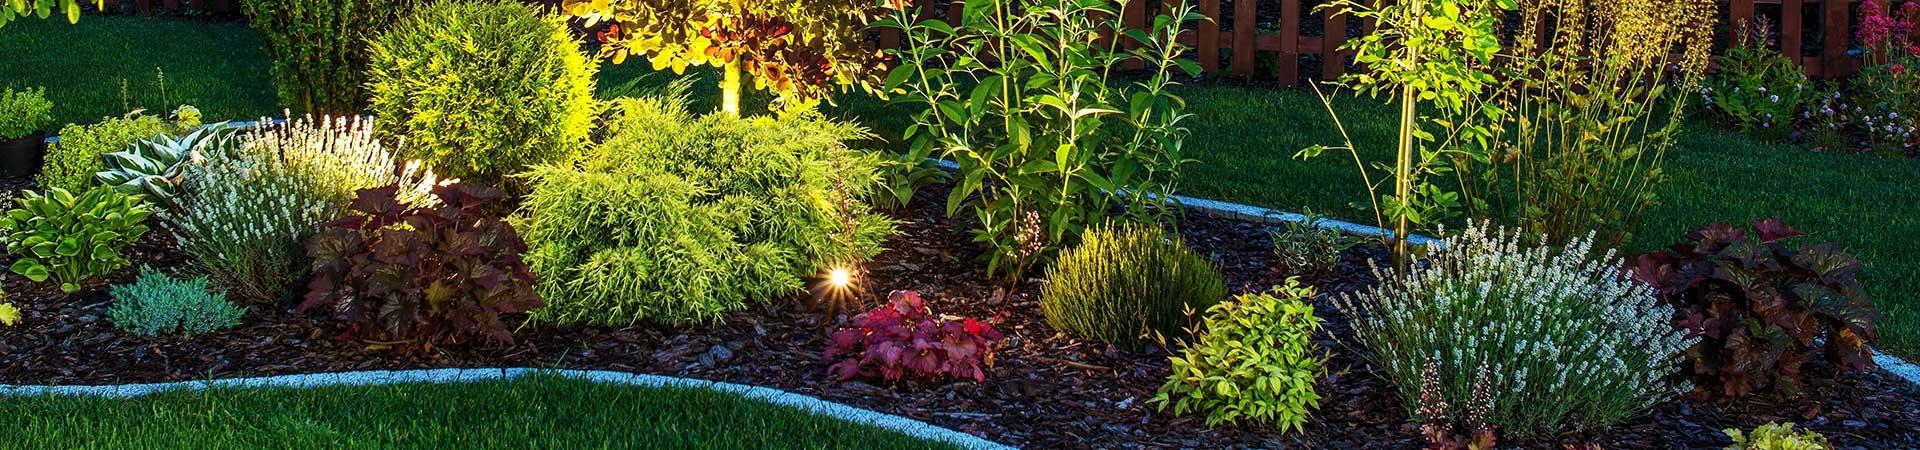 L'art et la matiere installe l'éclairage dans votre jardin.